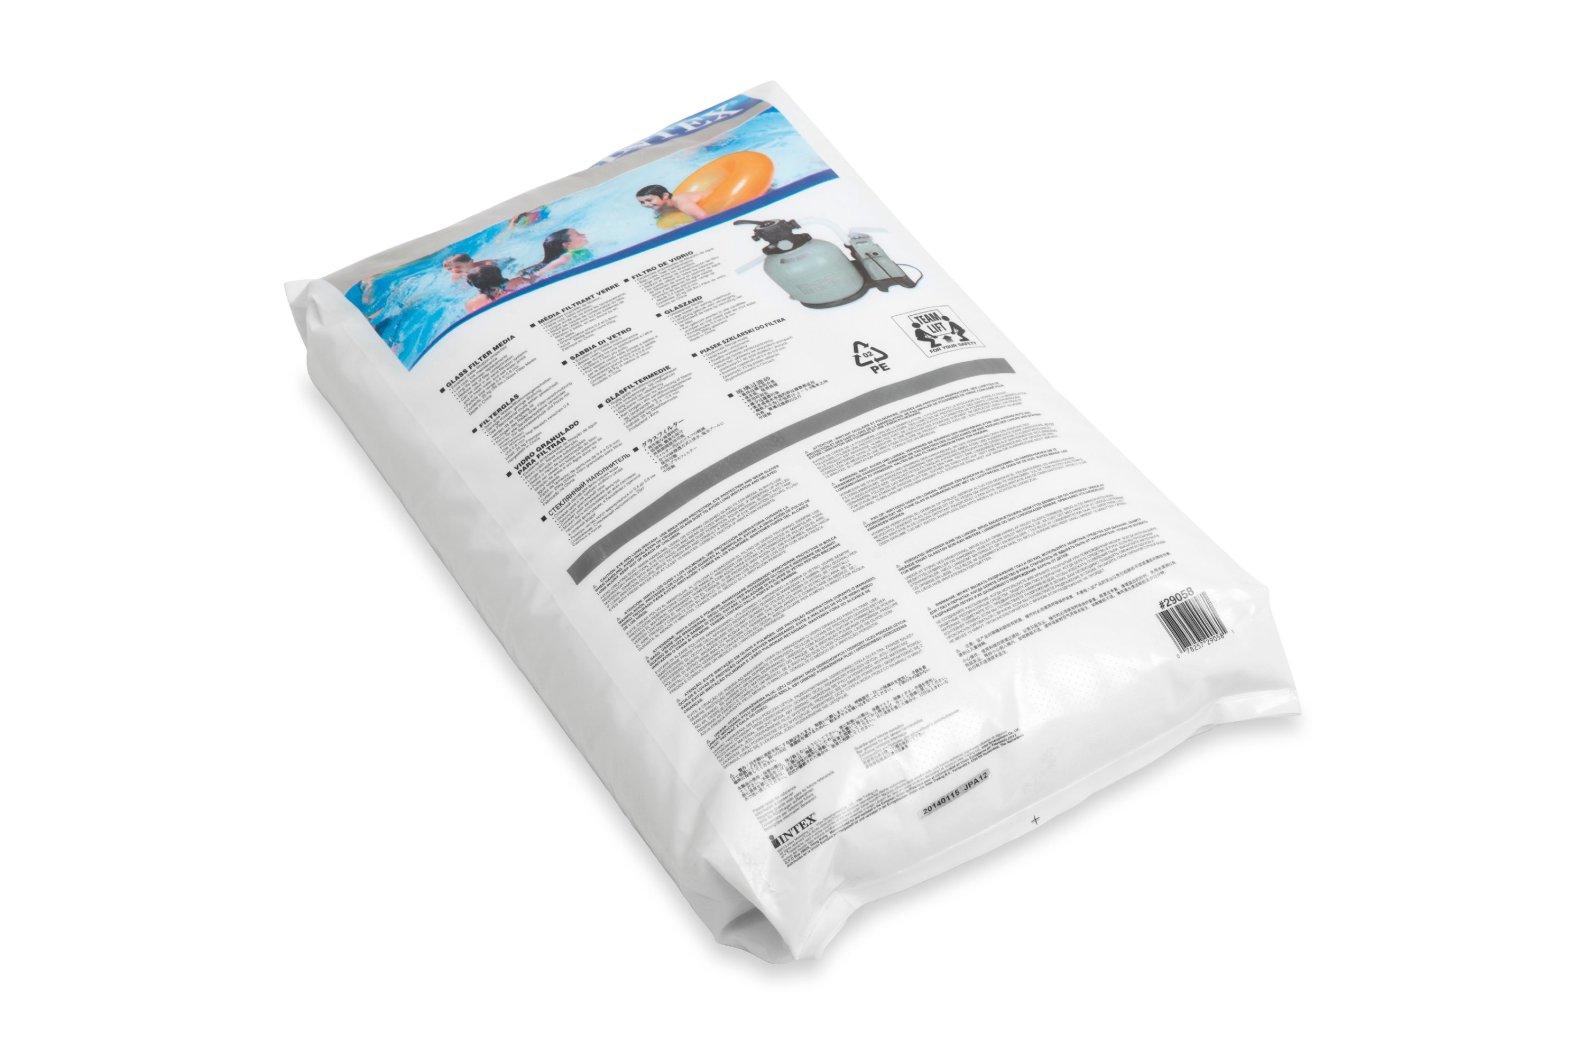 Intex Pool Intex 29058 - Filtermedien - Weiß - 139,7 mm - 584,2 mm - 330,2 mm - 25,6 kg